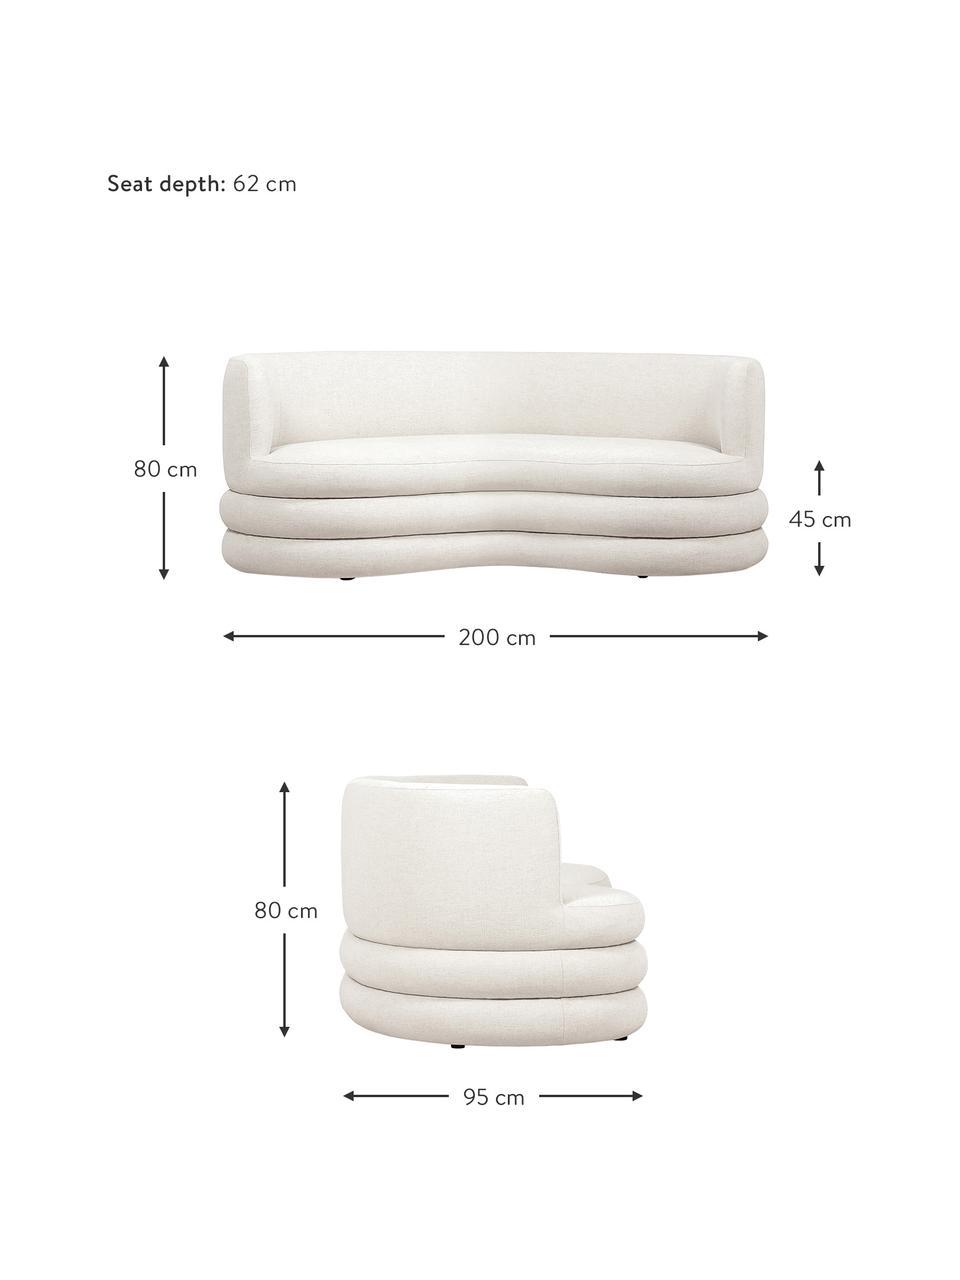 Divano 3 posti in tessuto beige Solomon, Rivestimento: 56% viscosa, 21% polieste, Struttura: legno di abete massiccio,, Piedini: plastica, Tessuto beige, Larg. 200 x Prof. 95 cm